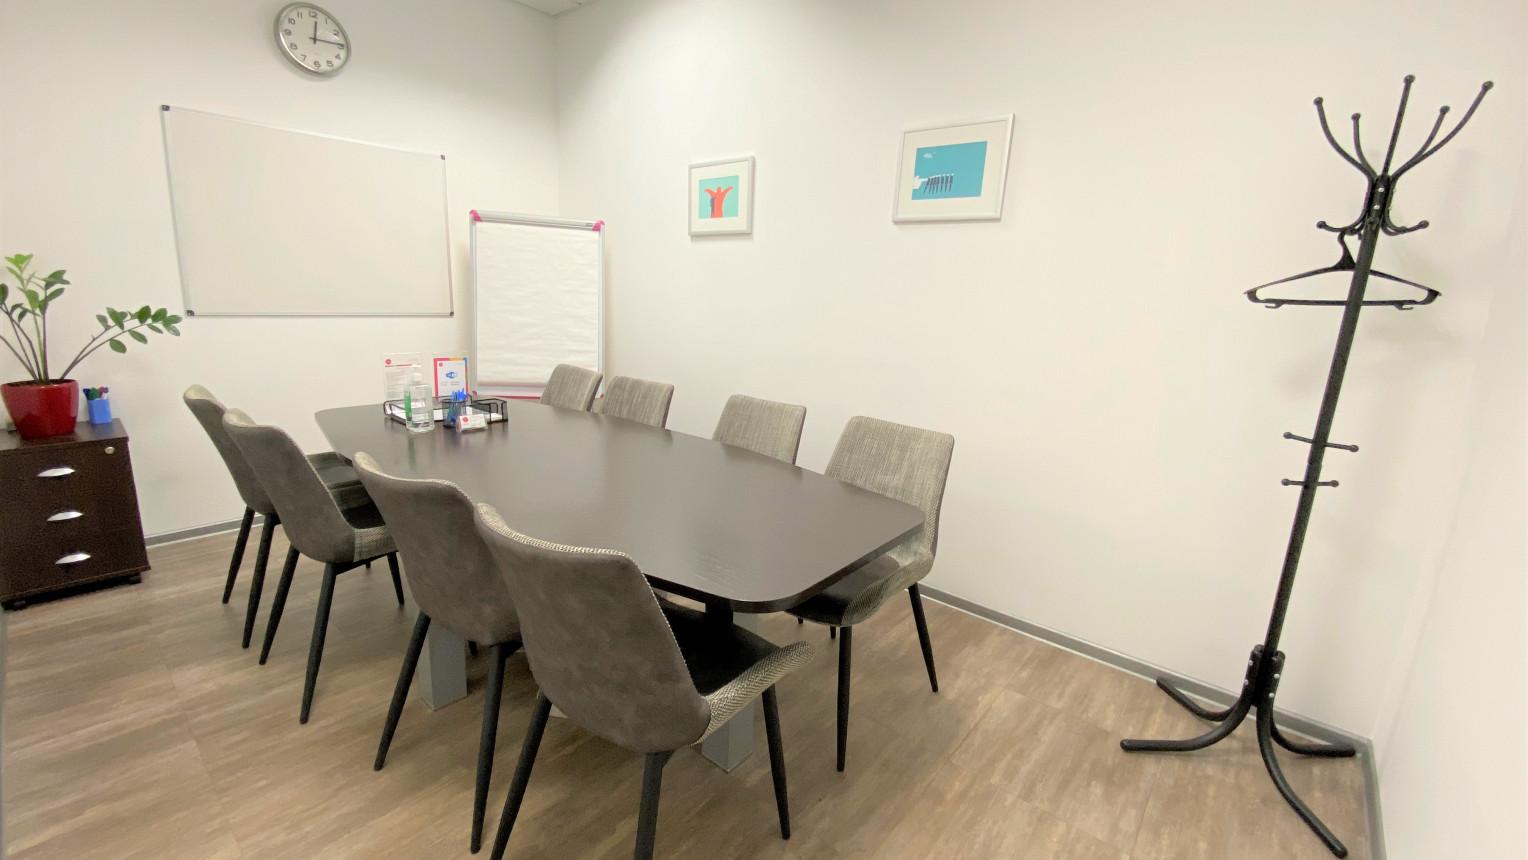 Переговорная комната на 8 человек - фото №2